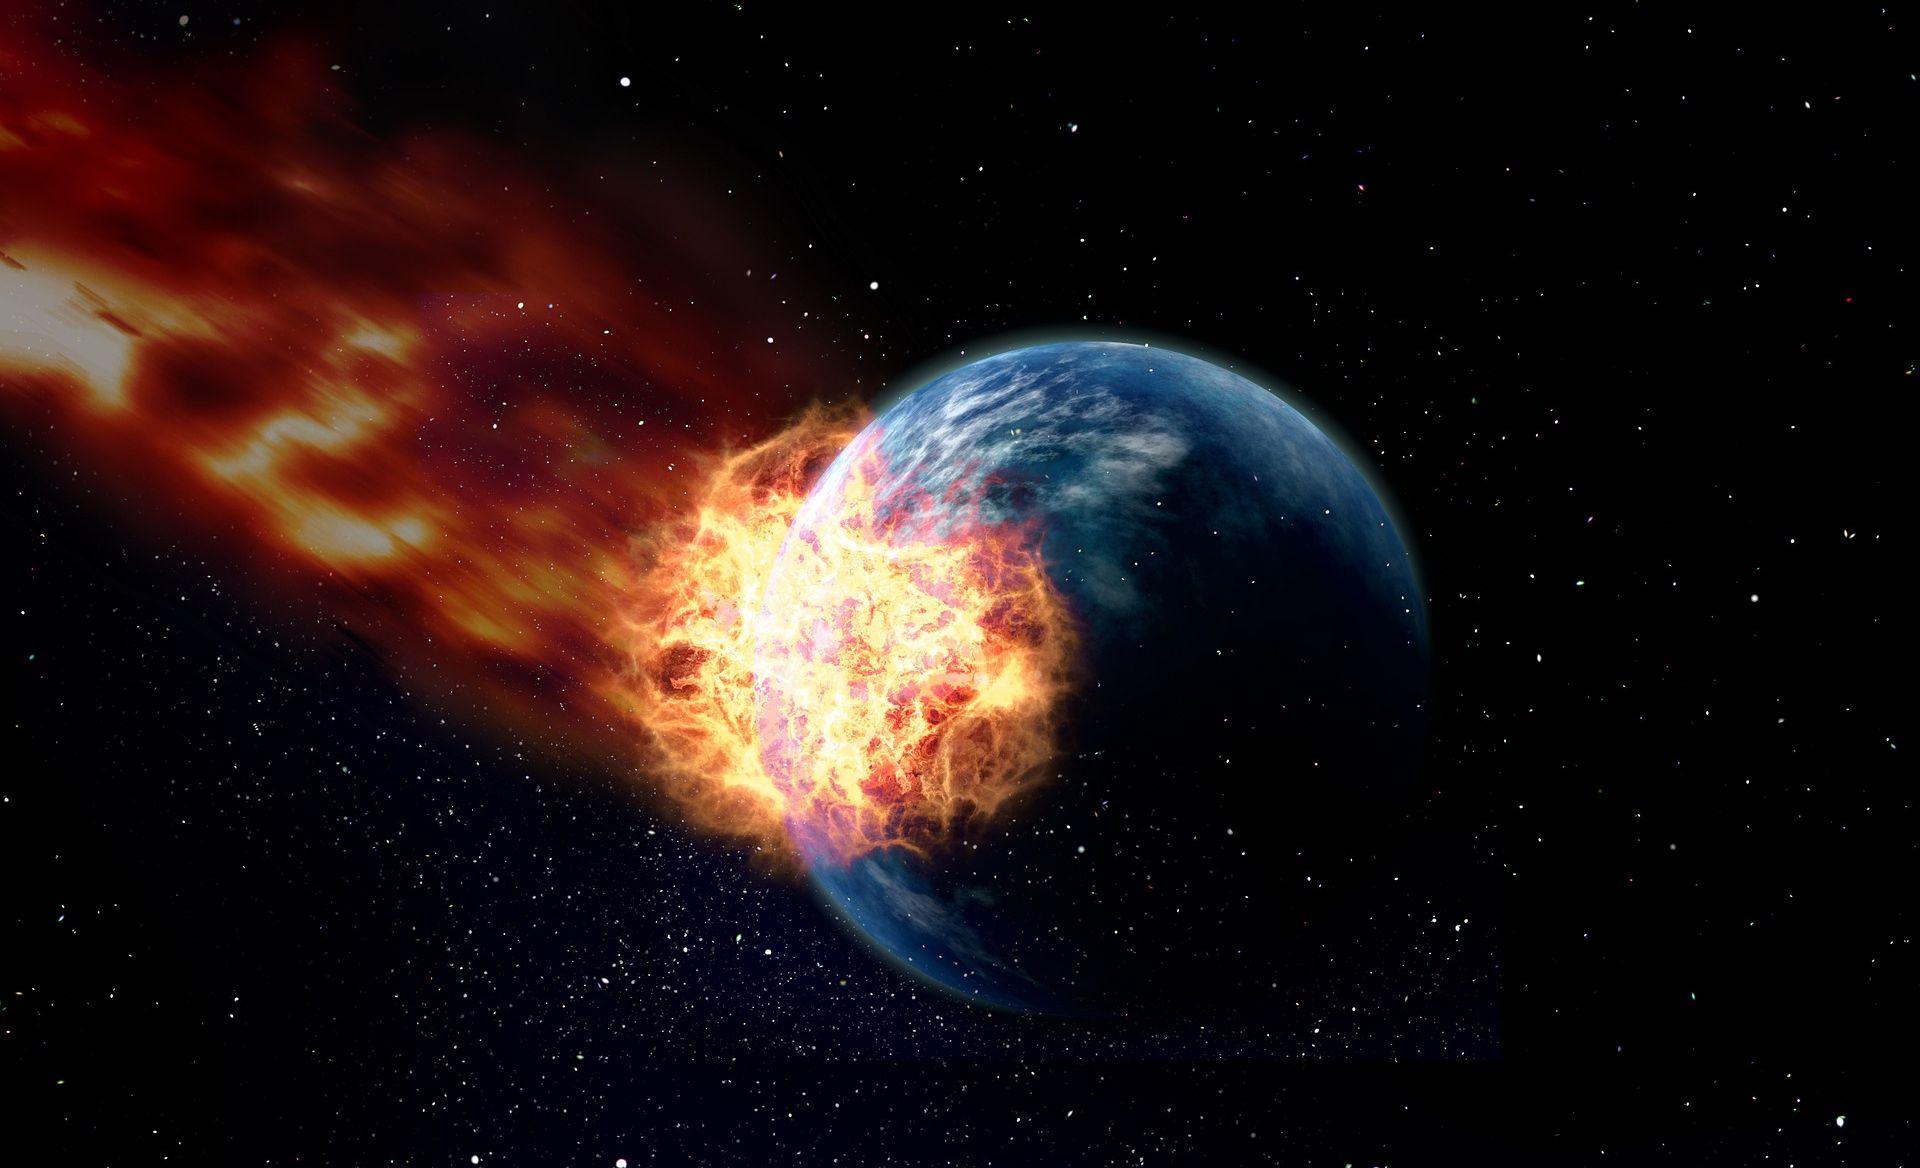 """ASTEROID PRIJETI ZEMLJI? NASA: """"To je glasina koja je postala viralna, a ovo su činjenice"""""""